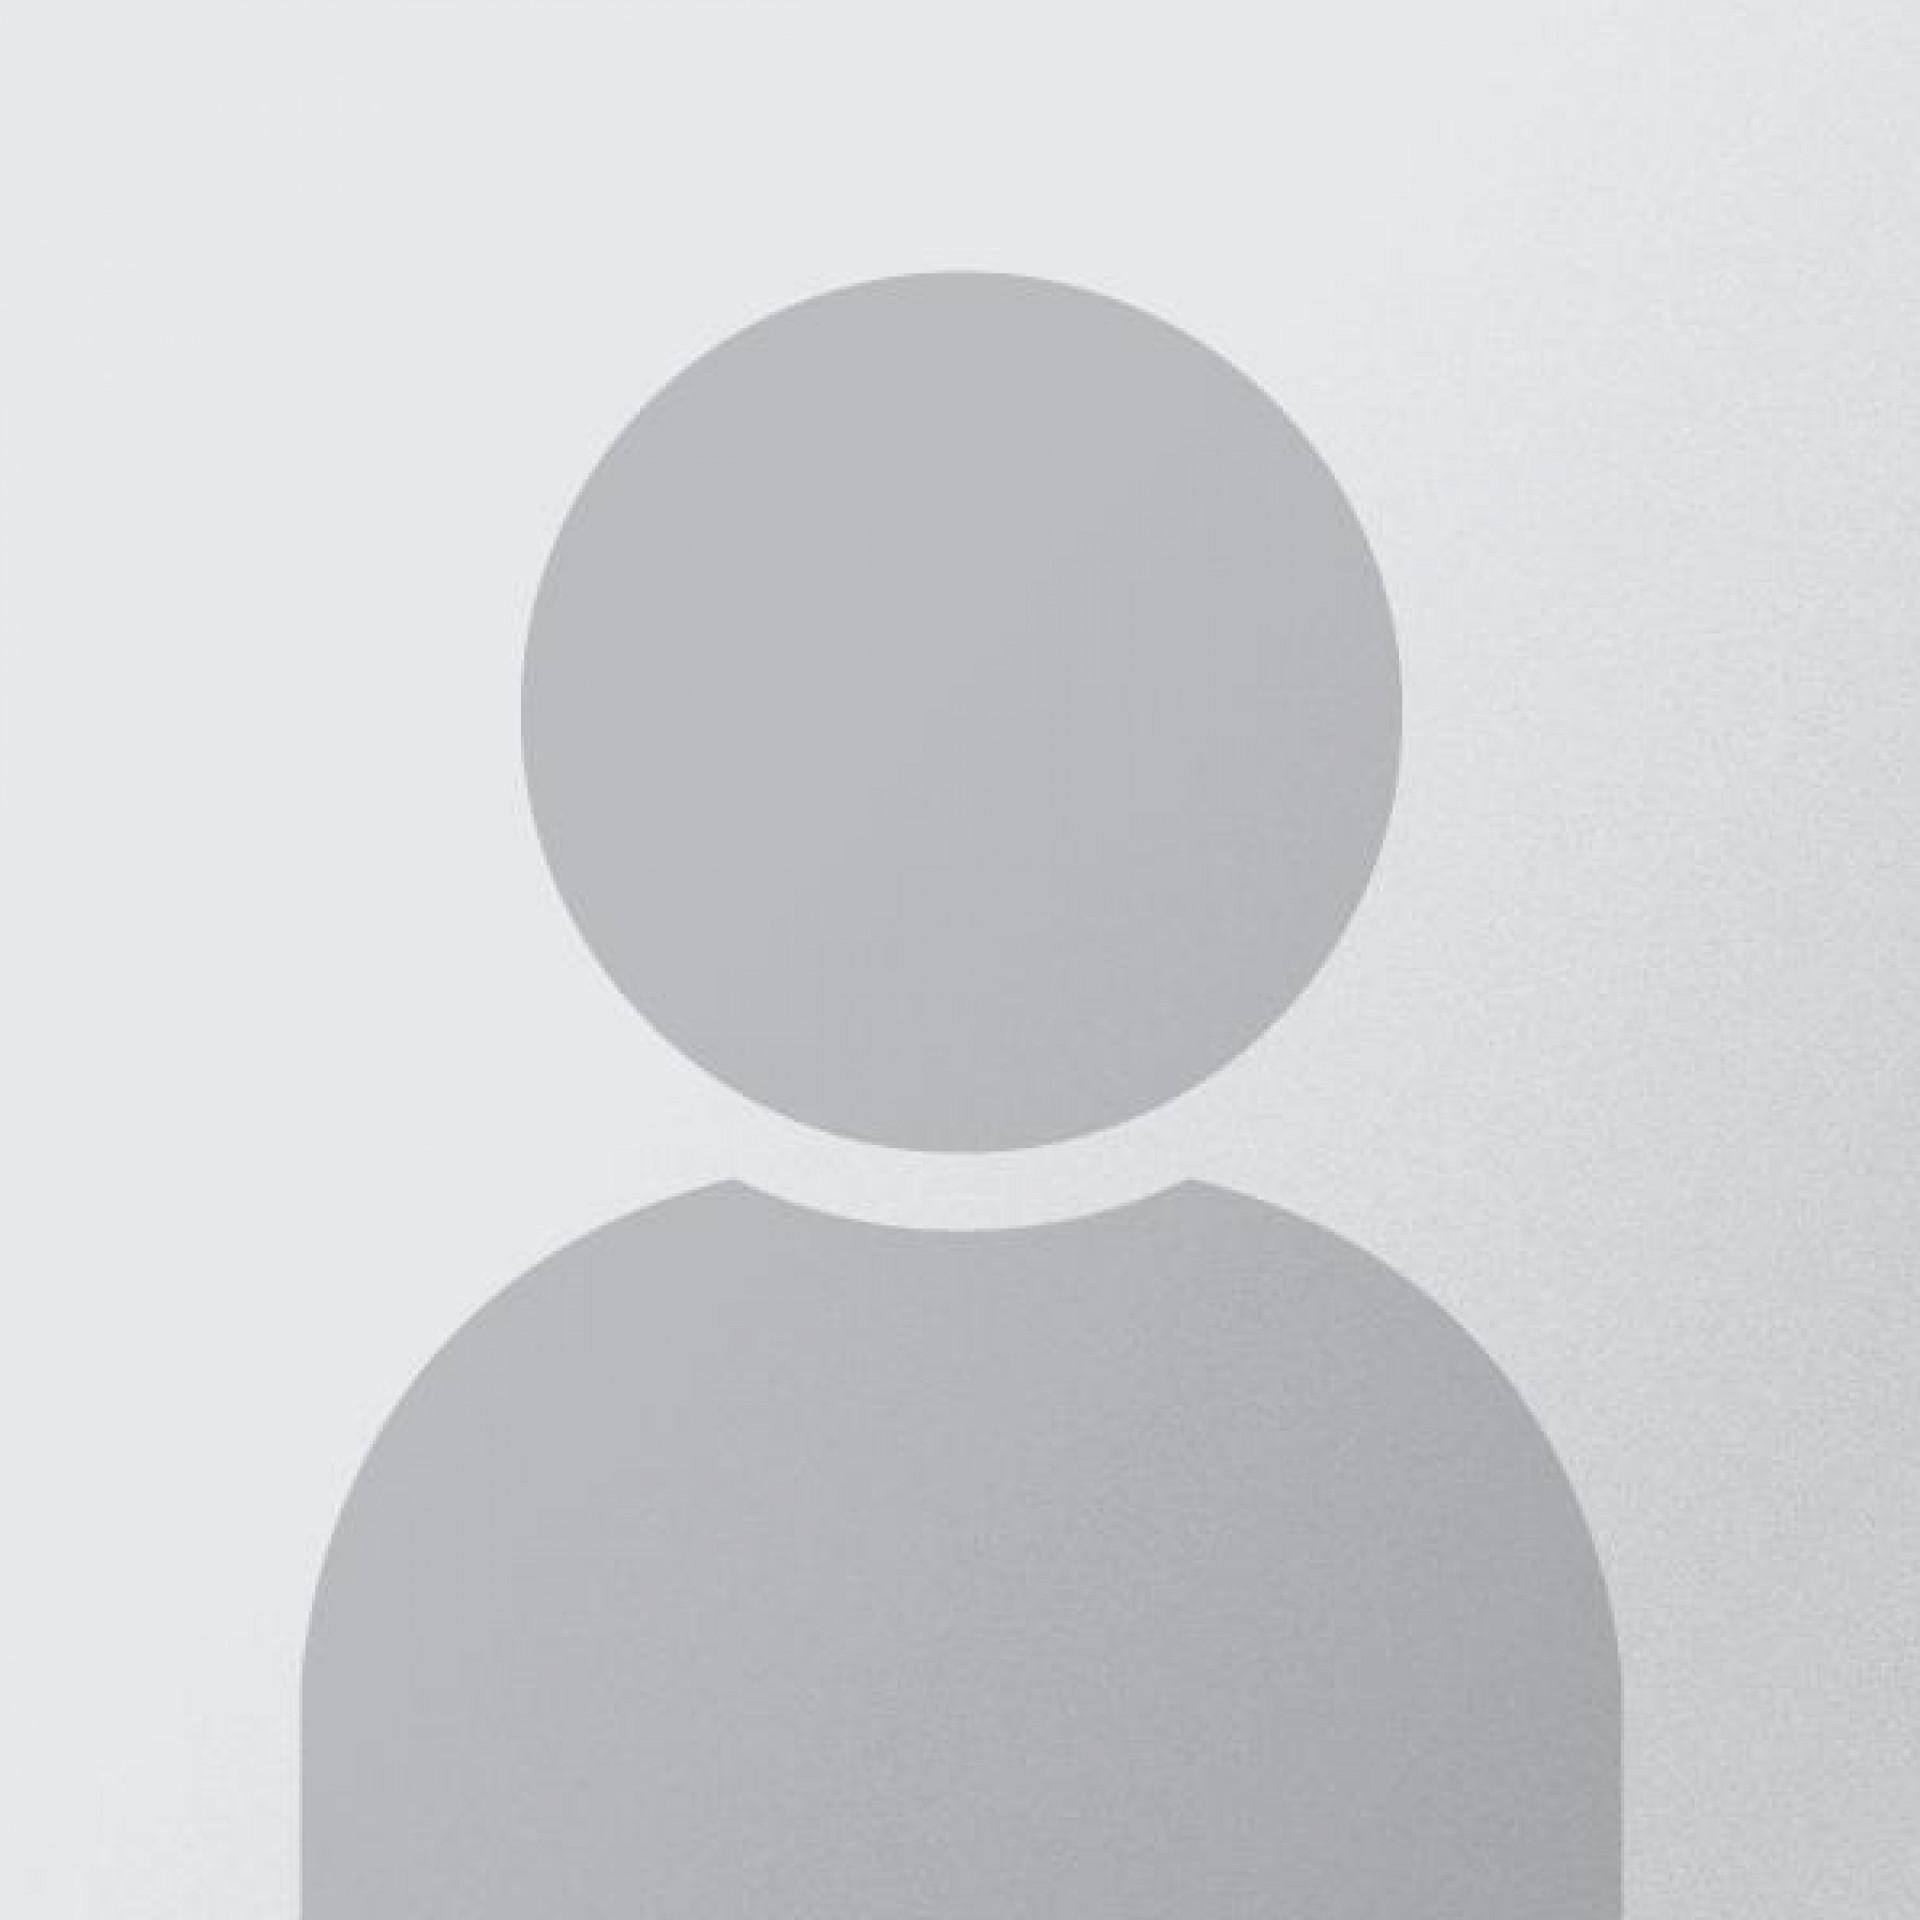 fotografia p021 profilu 0101QN5E5K